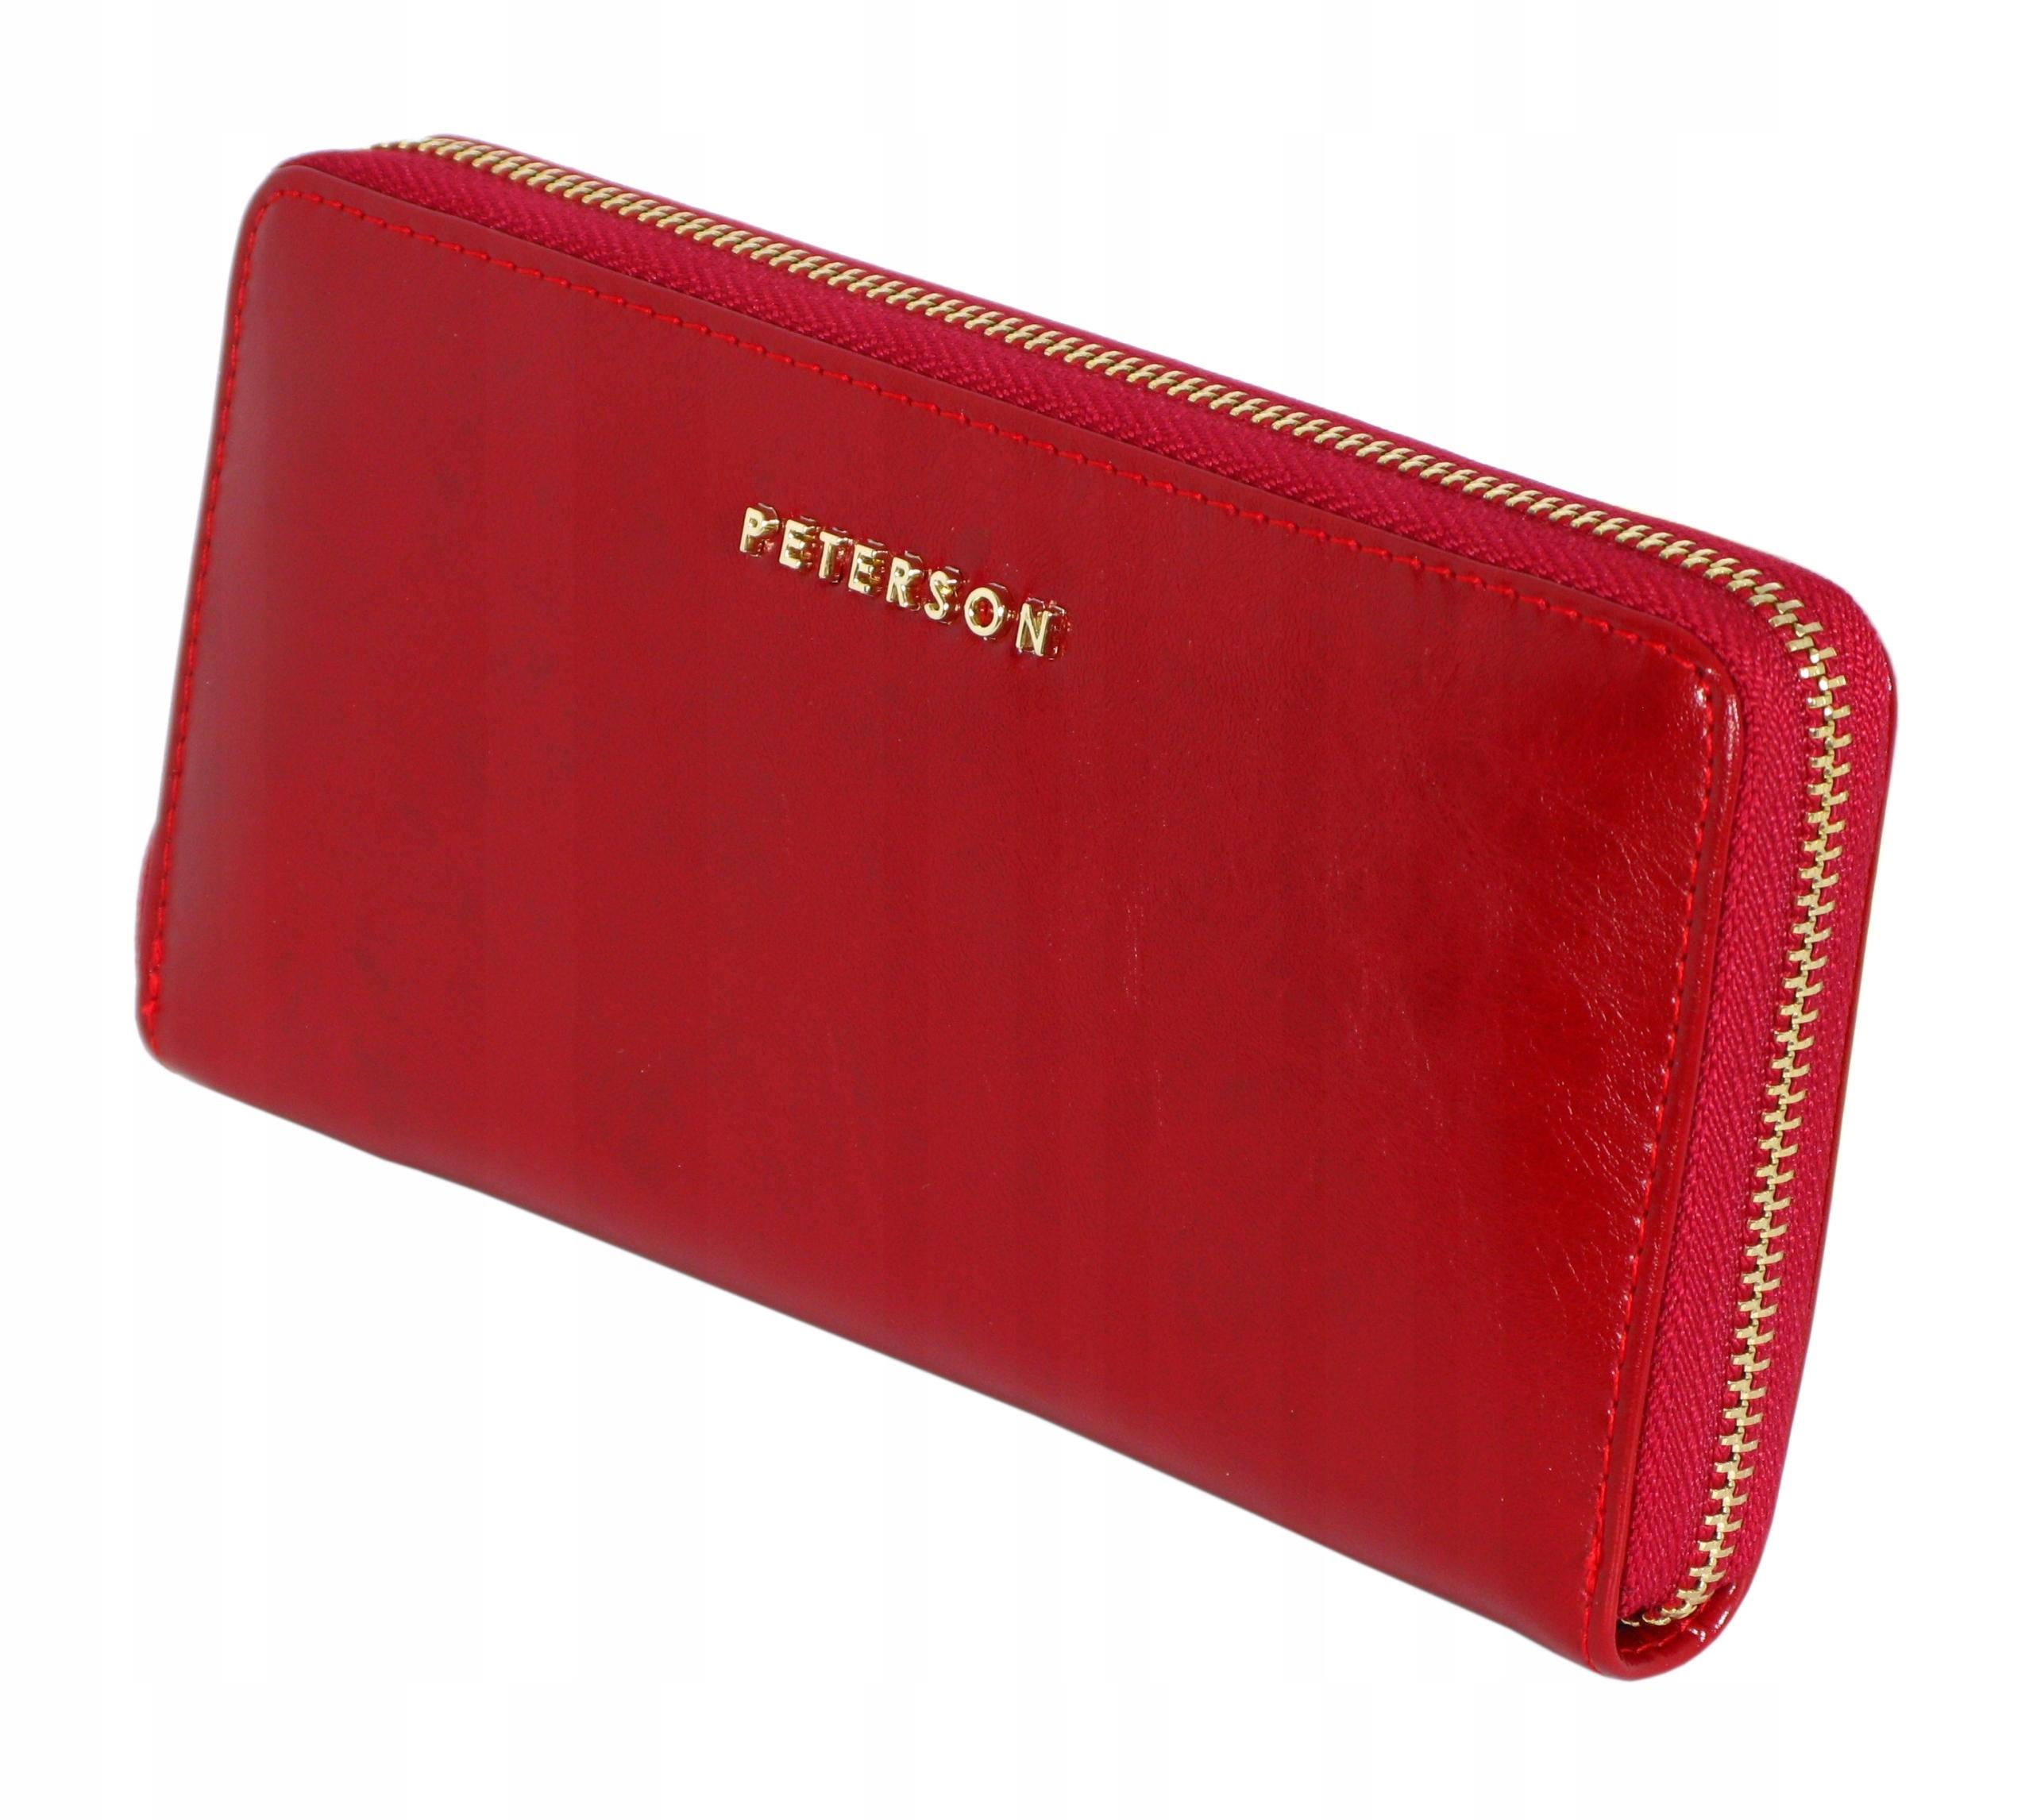 624d91cf403e8 PETERSON skórzany portfel damski PL-781 czerwony - 7525027594 ...